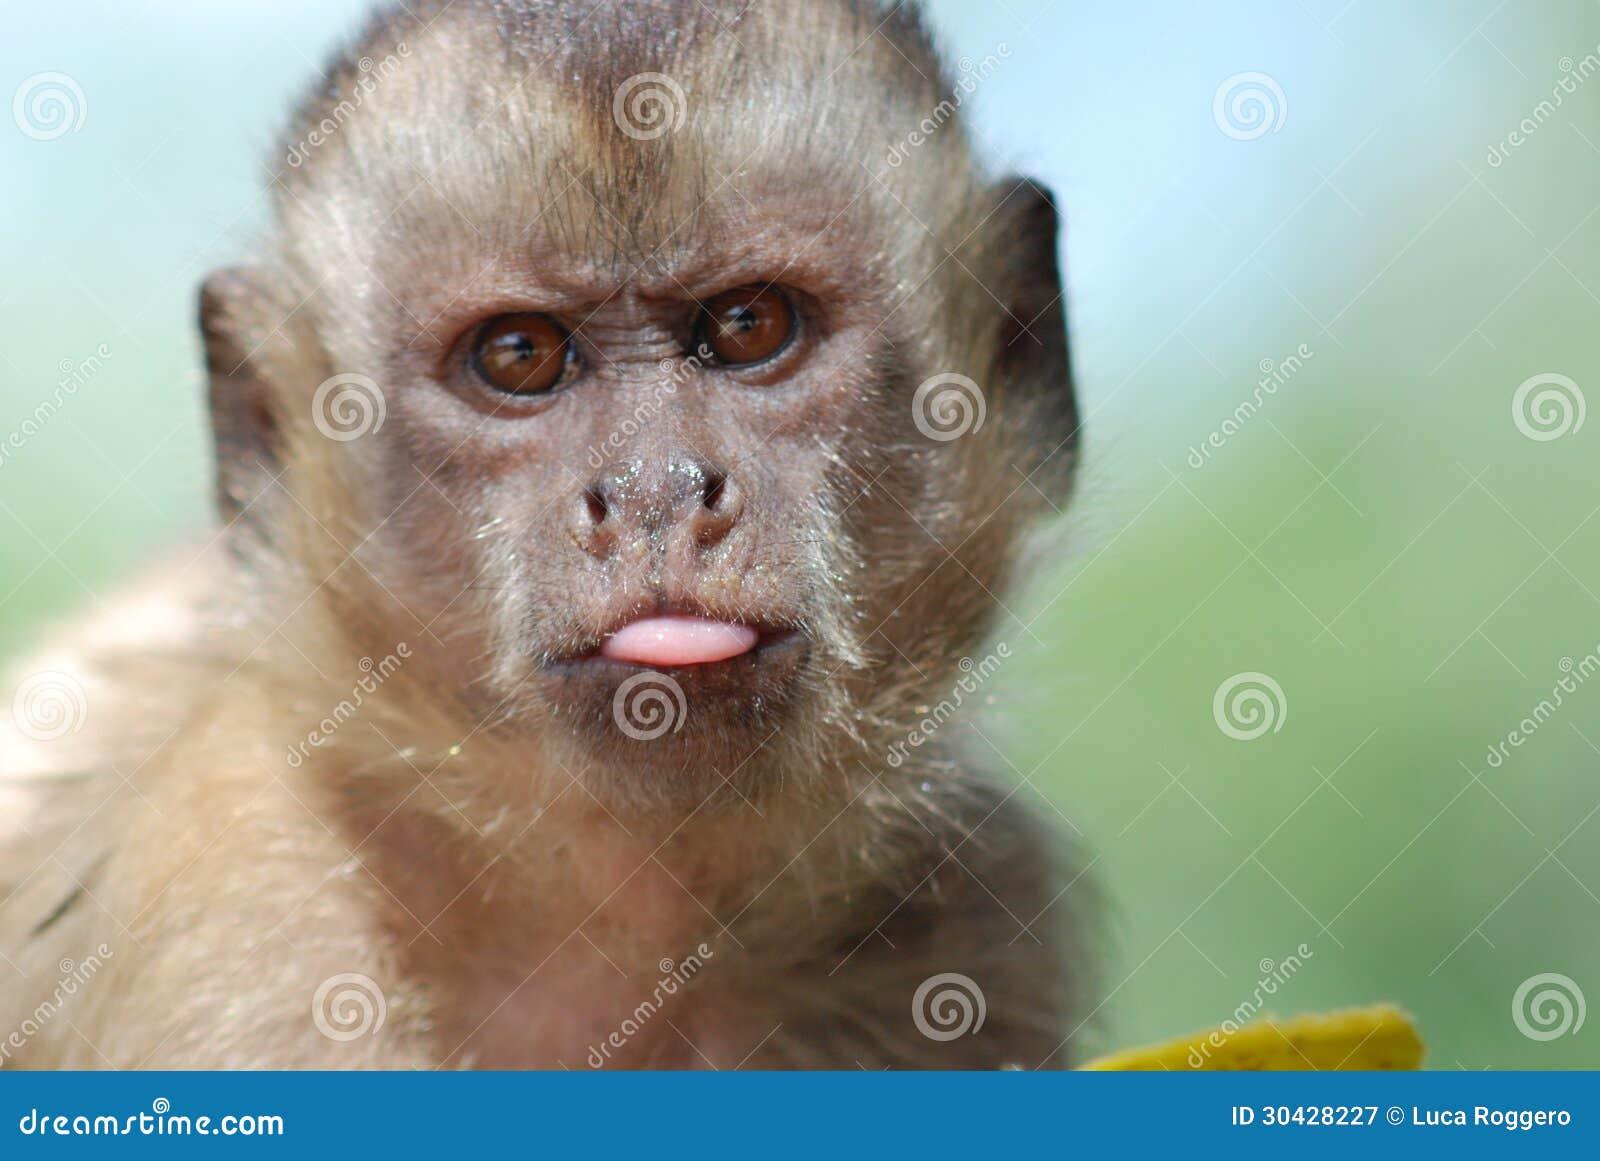 滑稽的猴子